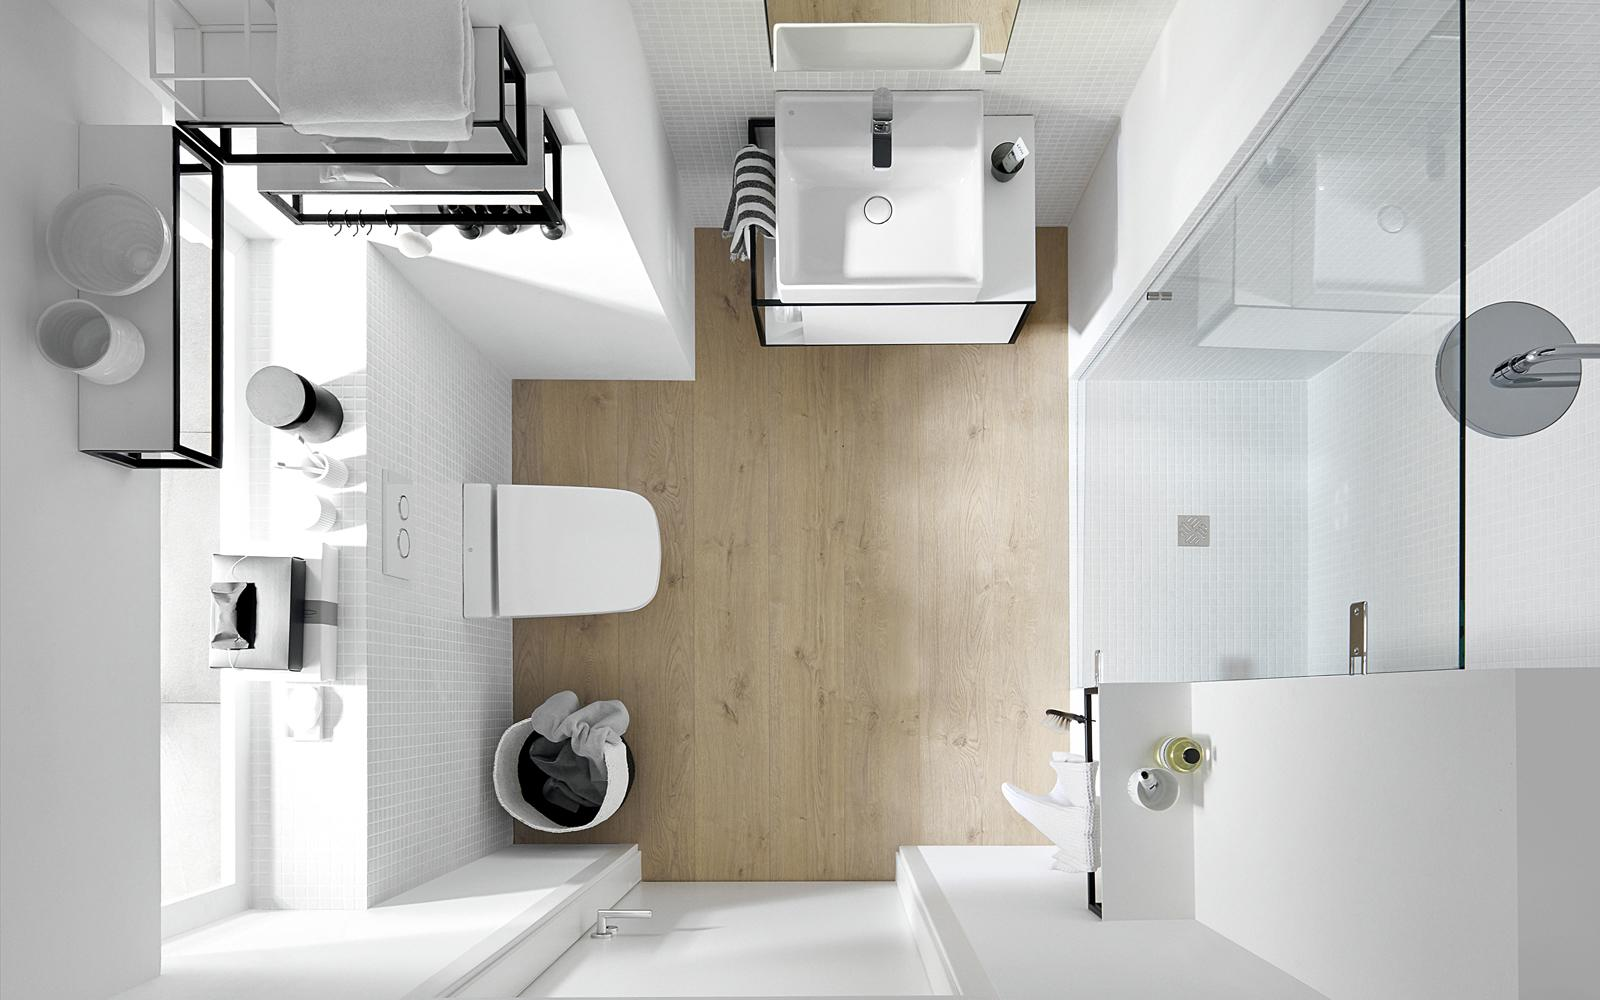 Einrichtungstipps für kleine Badezimmer  Neudorfer